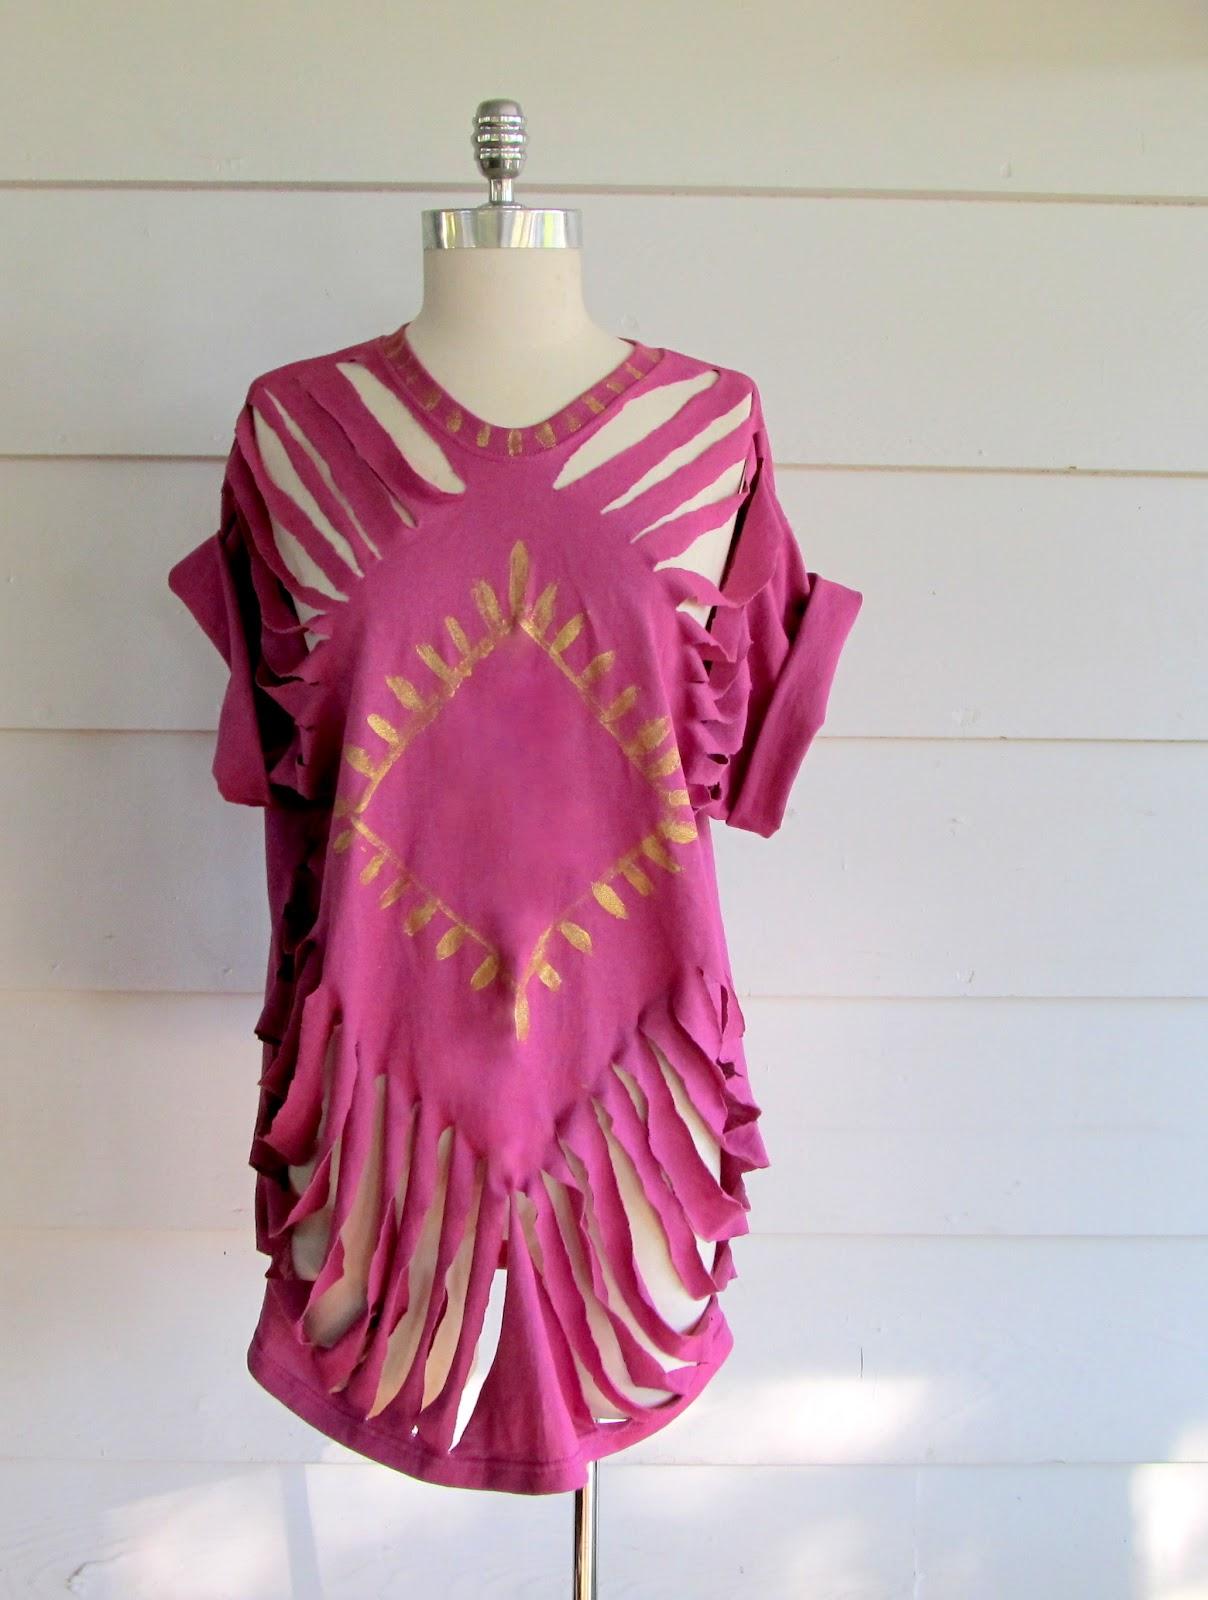 Wobisobi no sew tee shirt beach cover up 2 diy for Beach shirt cover up